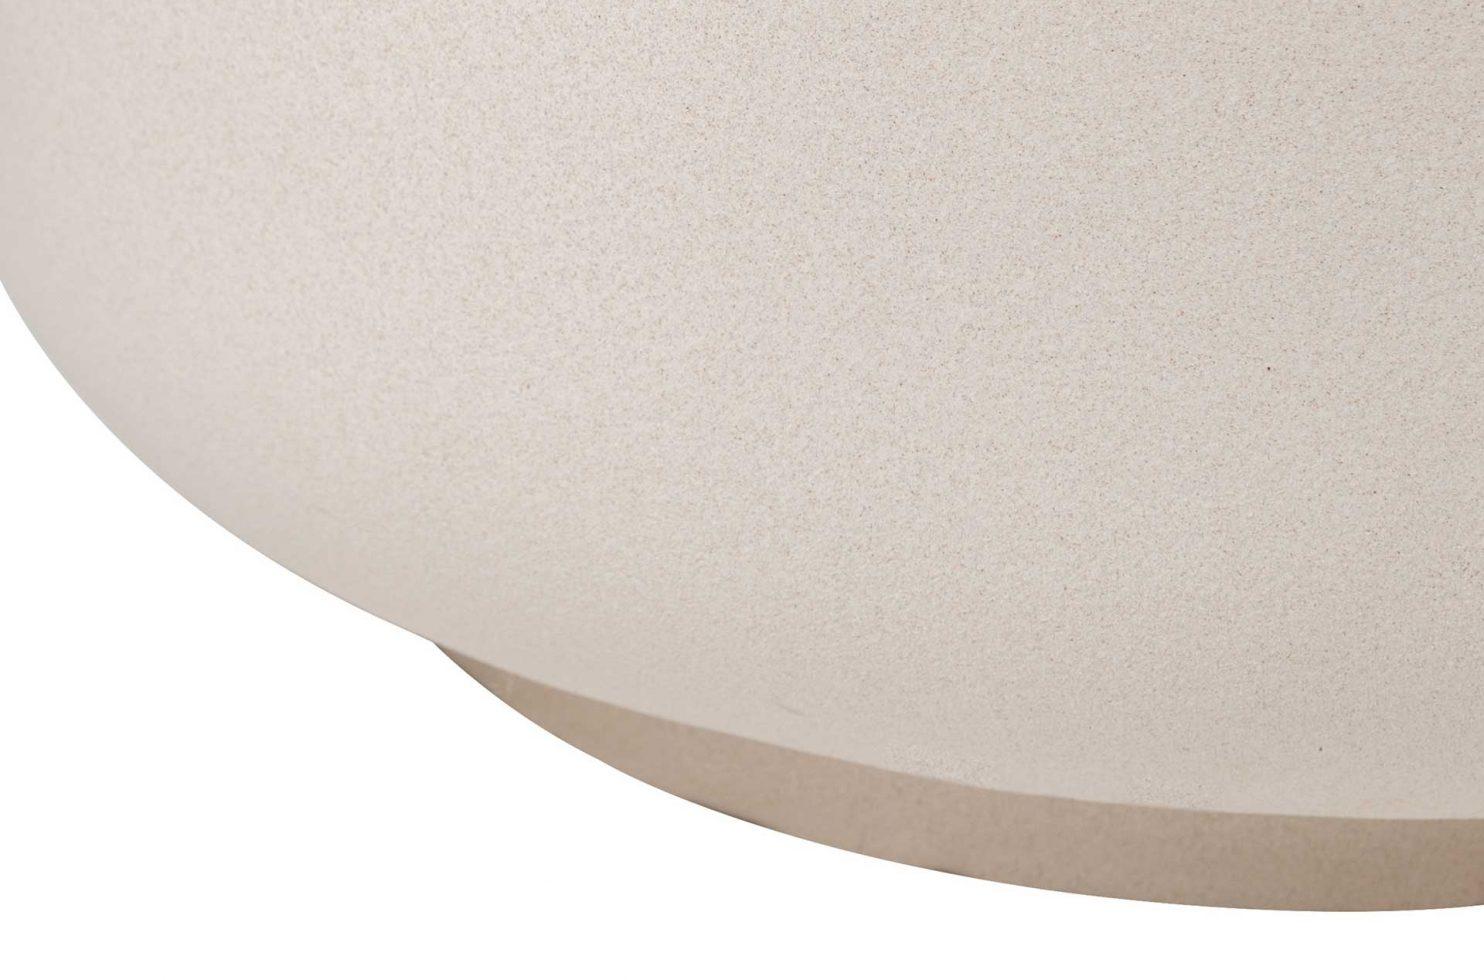 prov cer serenity side table 20in C3080152135 jet sand dtl2 web